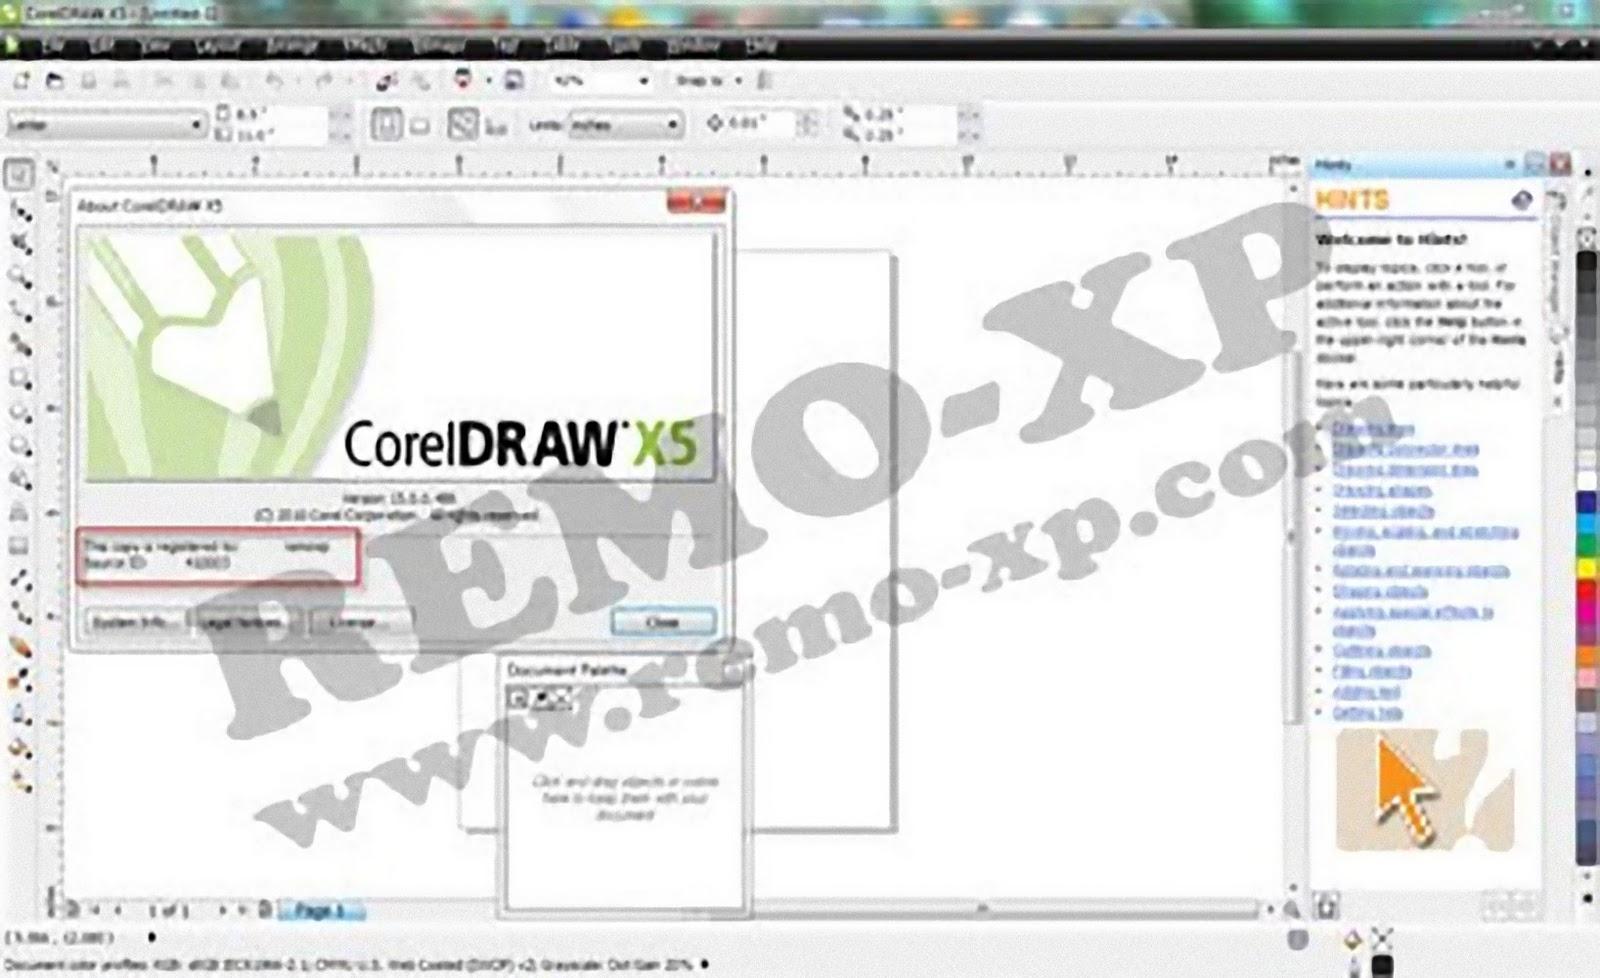 По этой ссылке можно скачать программу CorelDRAW на высокой скорости. . По